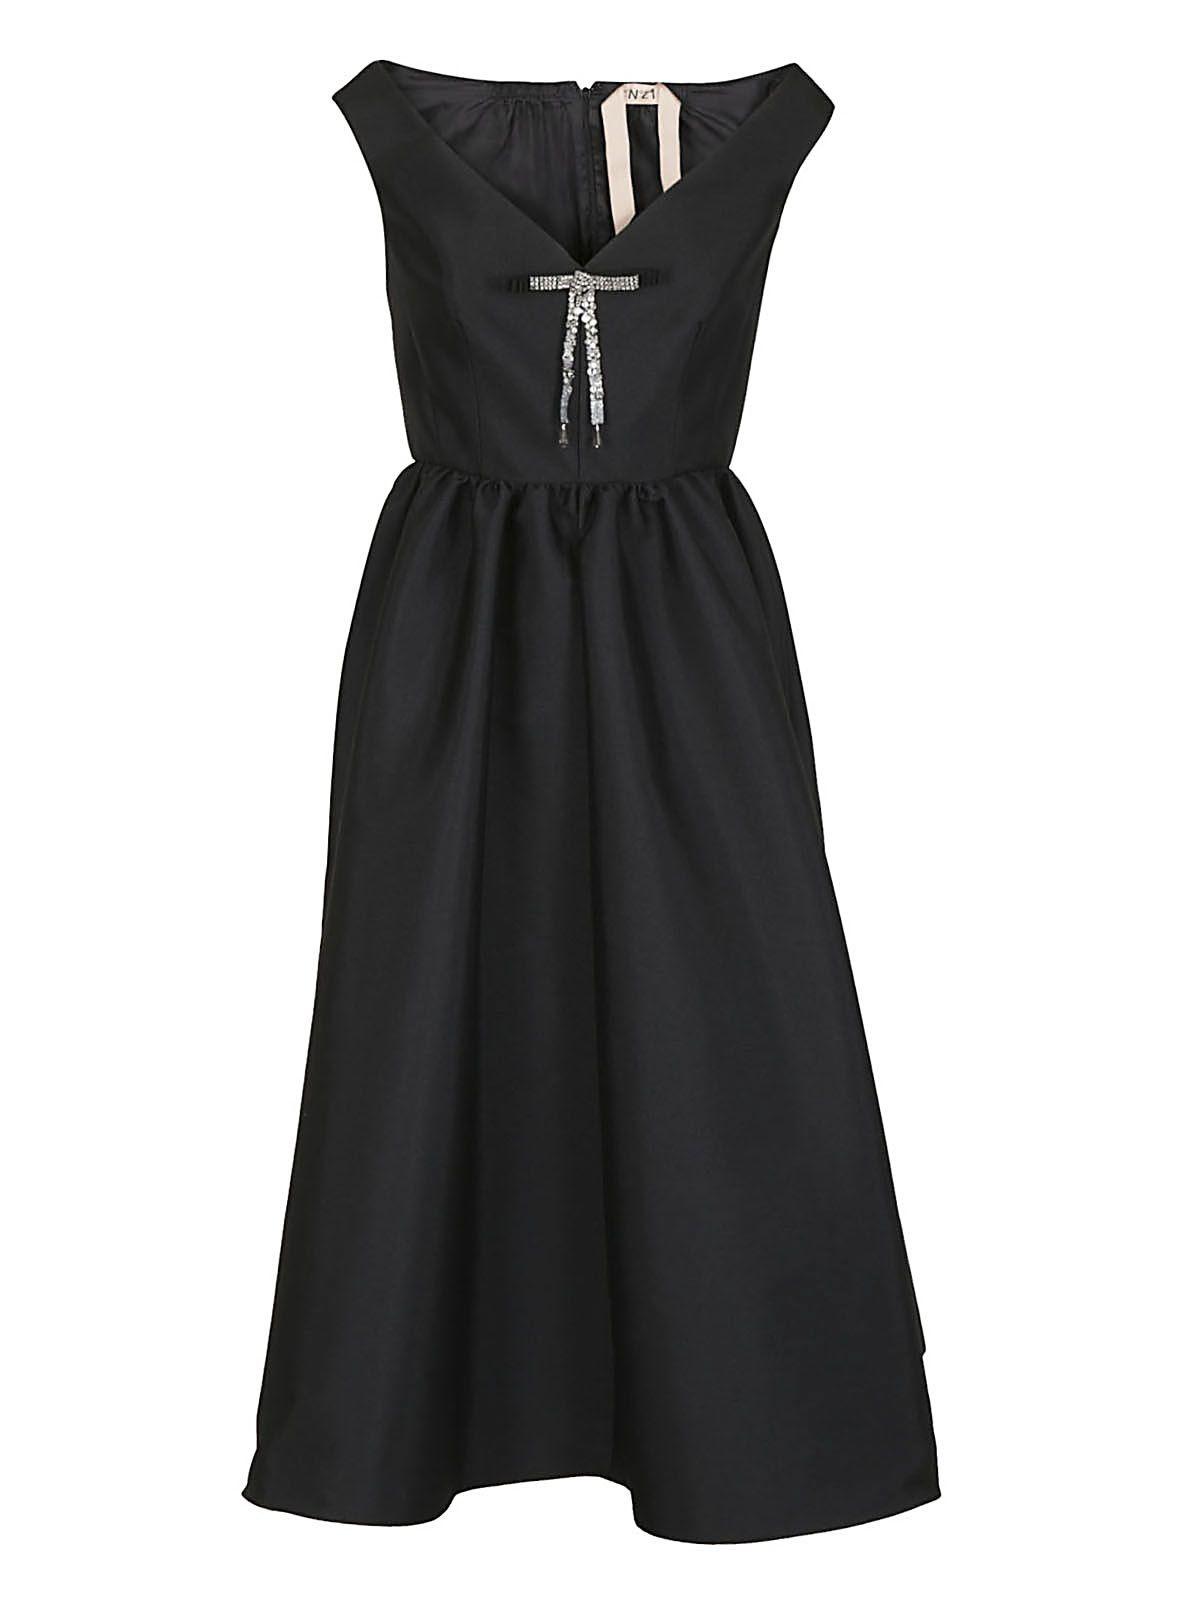 N.21 Embossed Dress